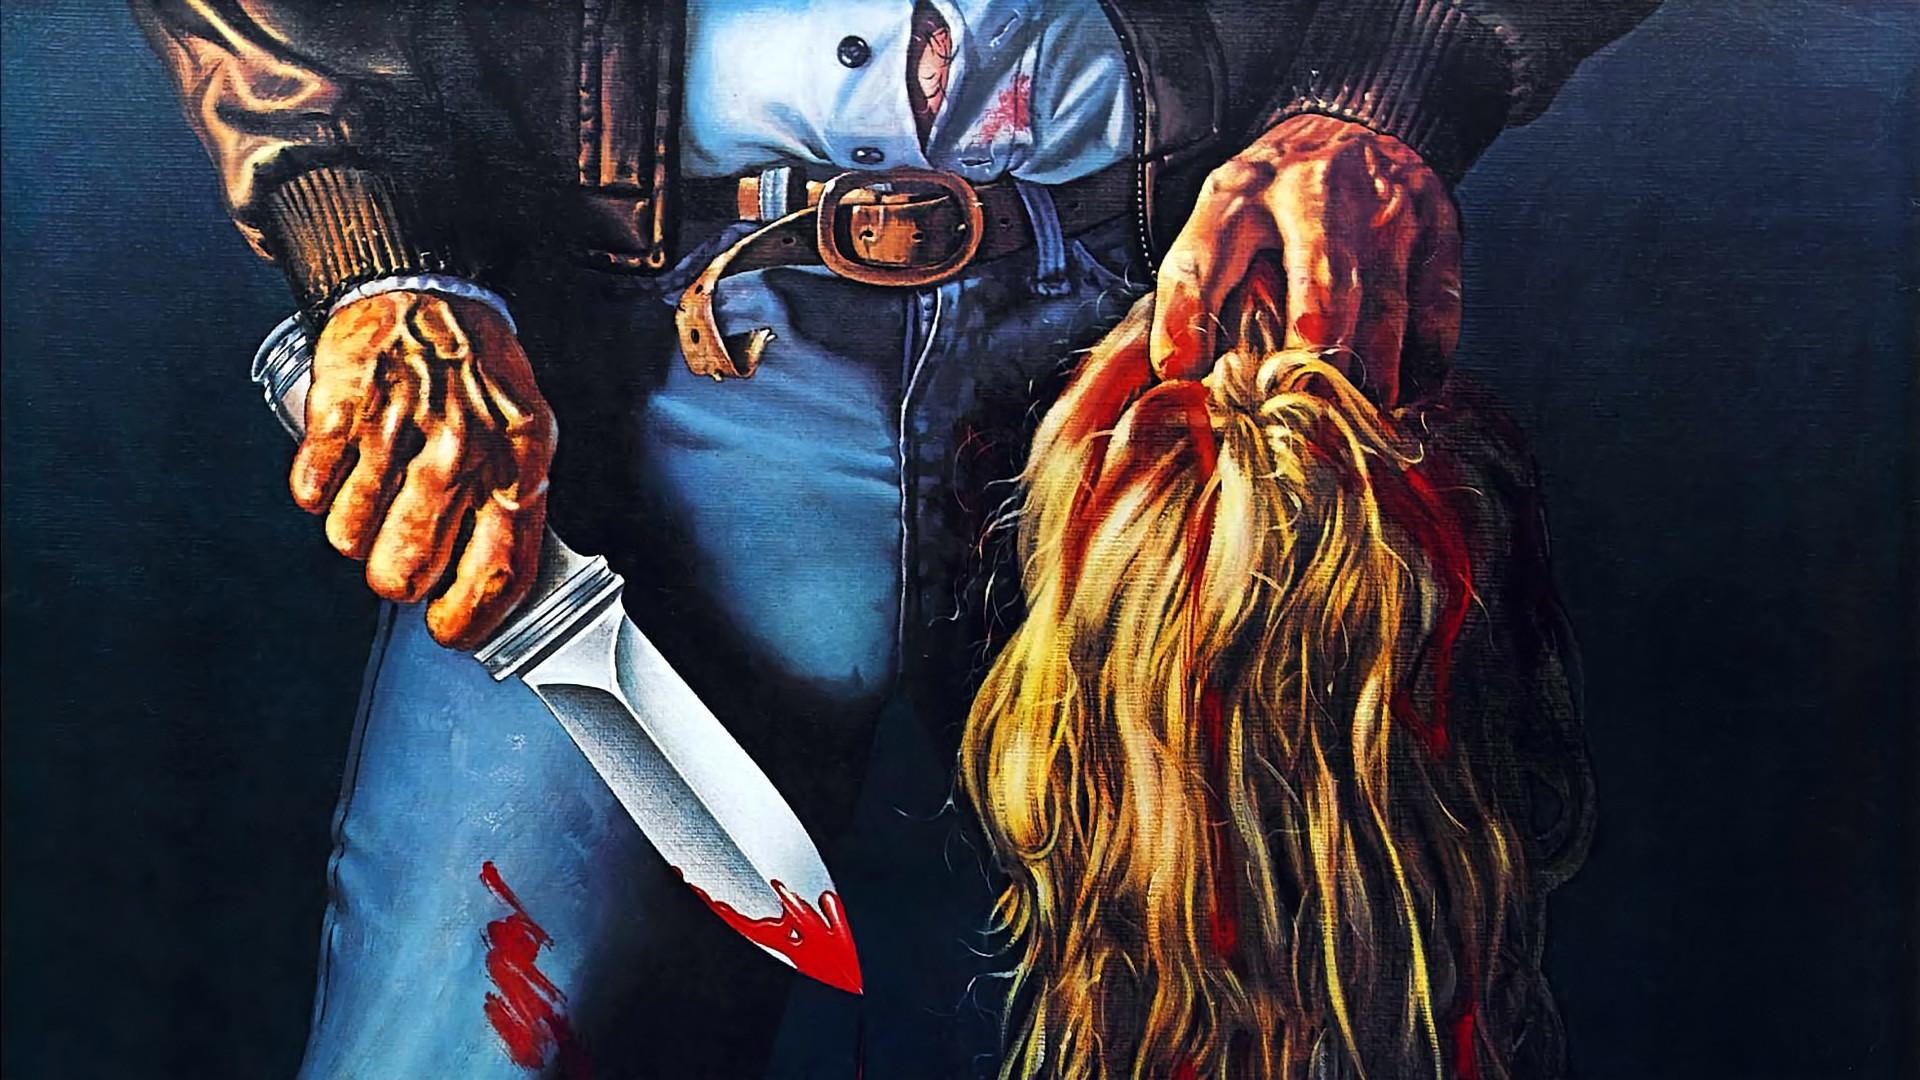 Маньяк Хосе Ойеда и его побратим Лешек Пекальски, которым очень скучно